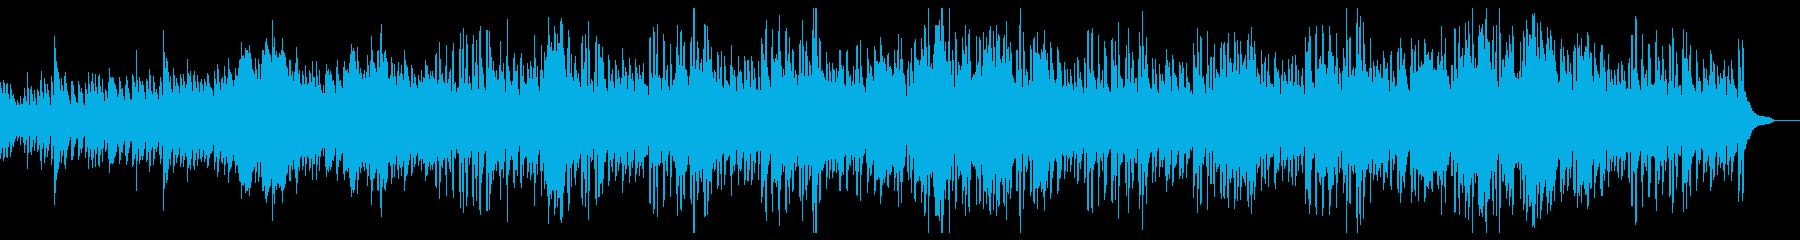 ピアニカのメロディーのほのぼのとした曲調の再生済みの波形